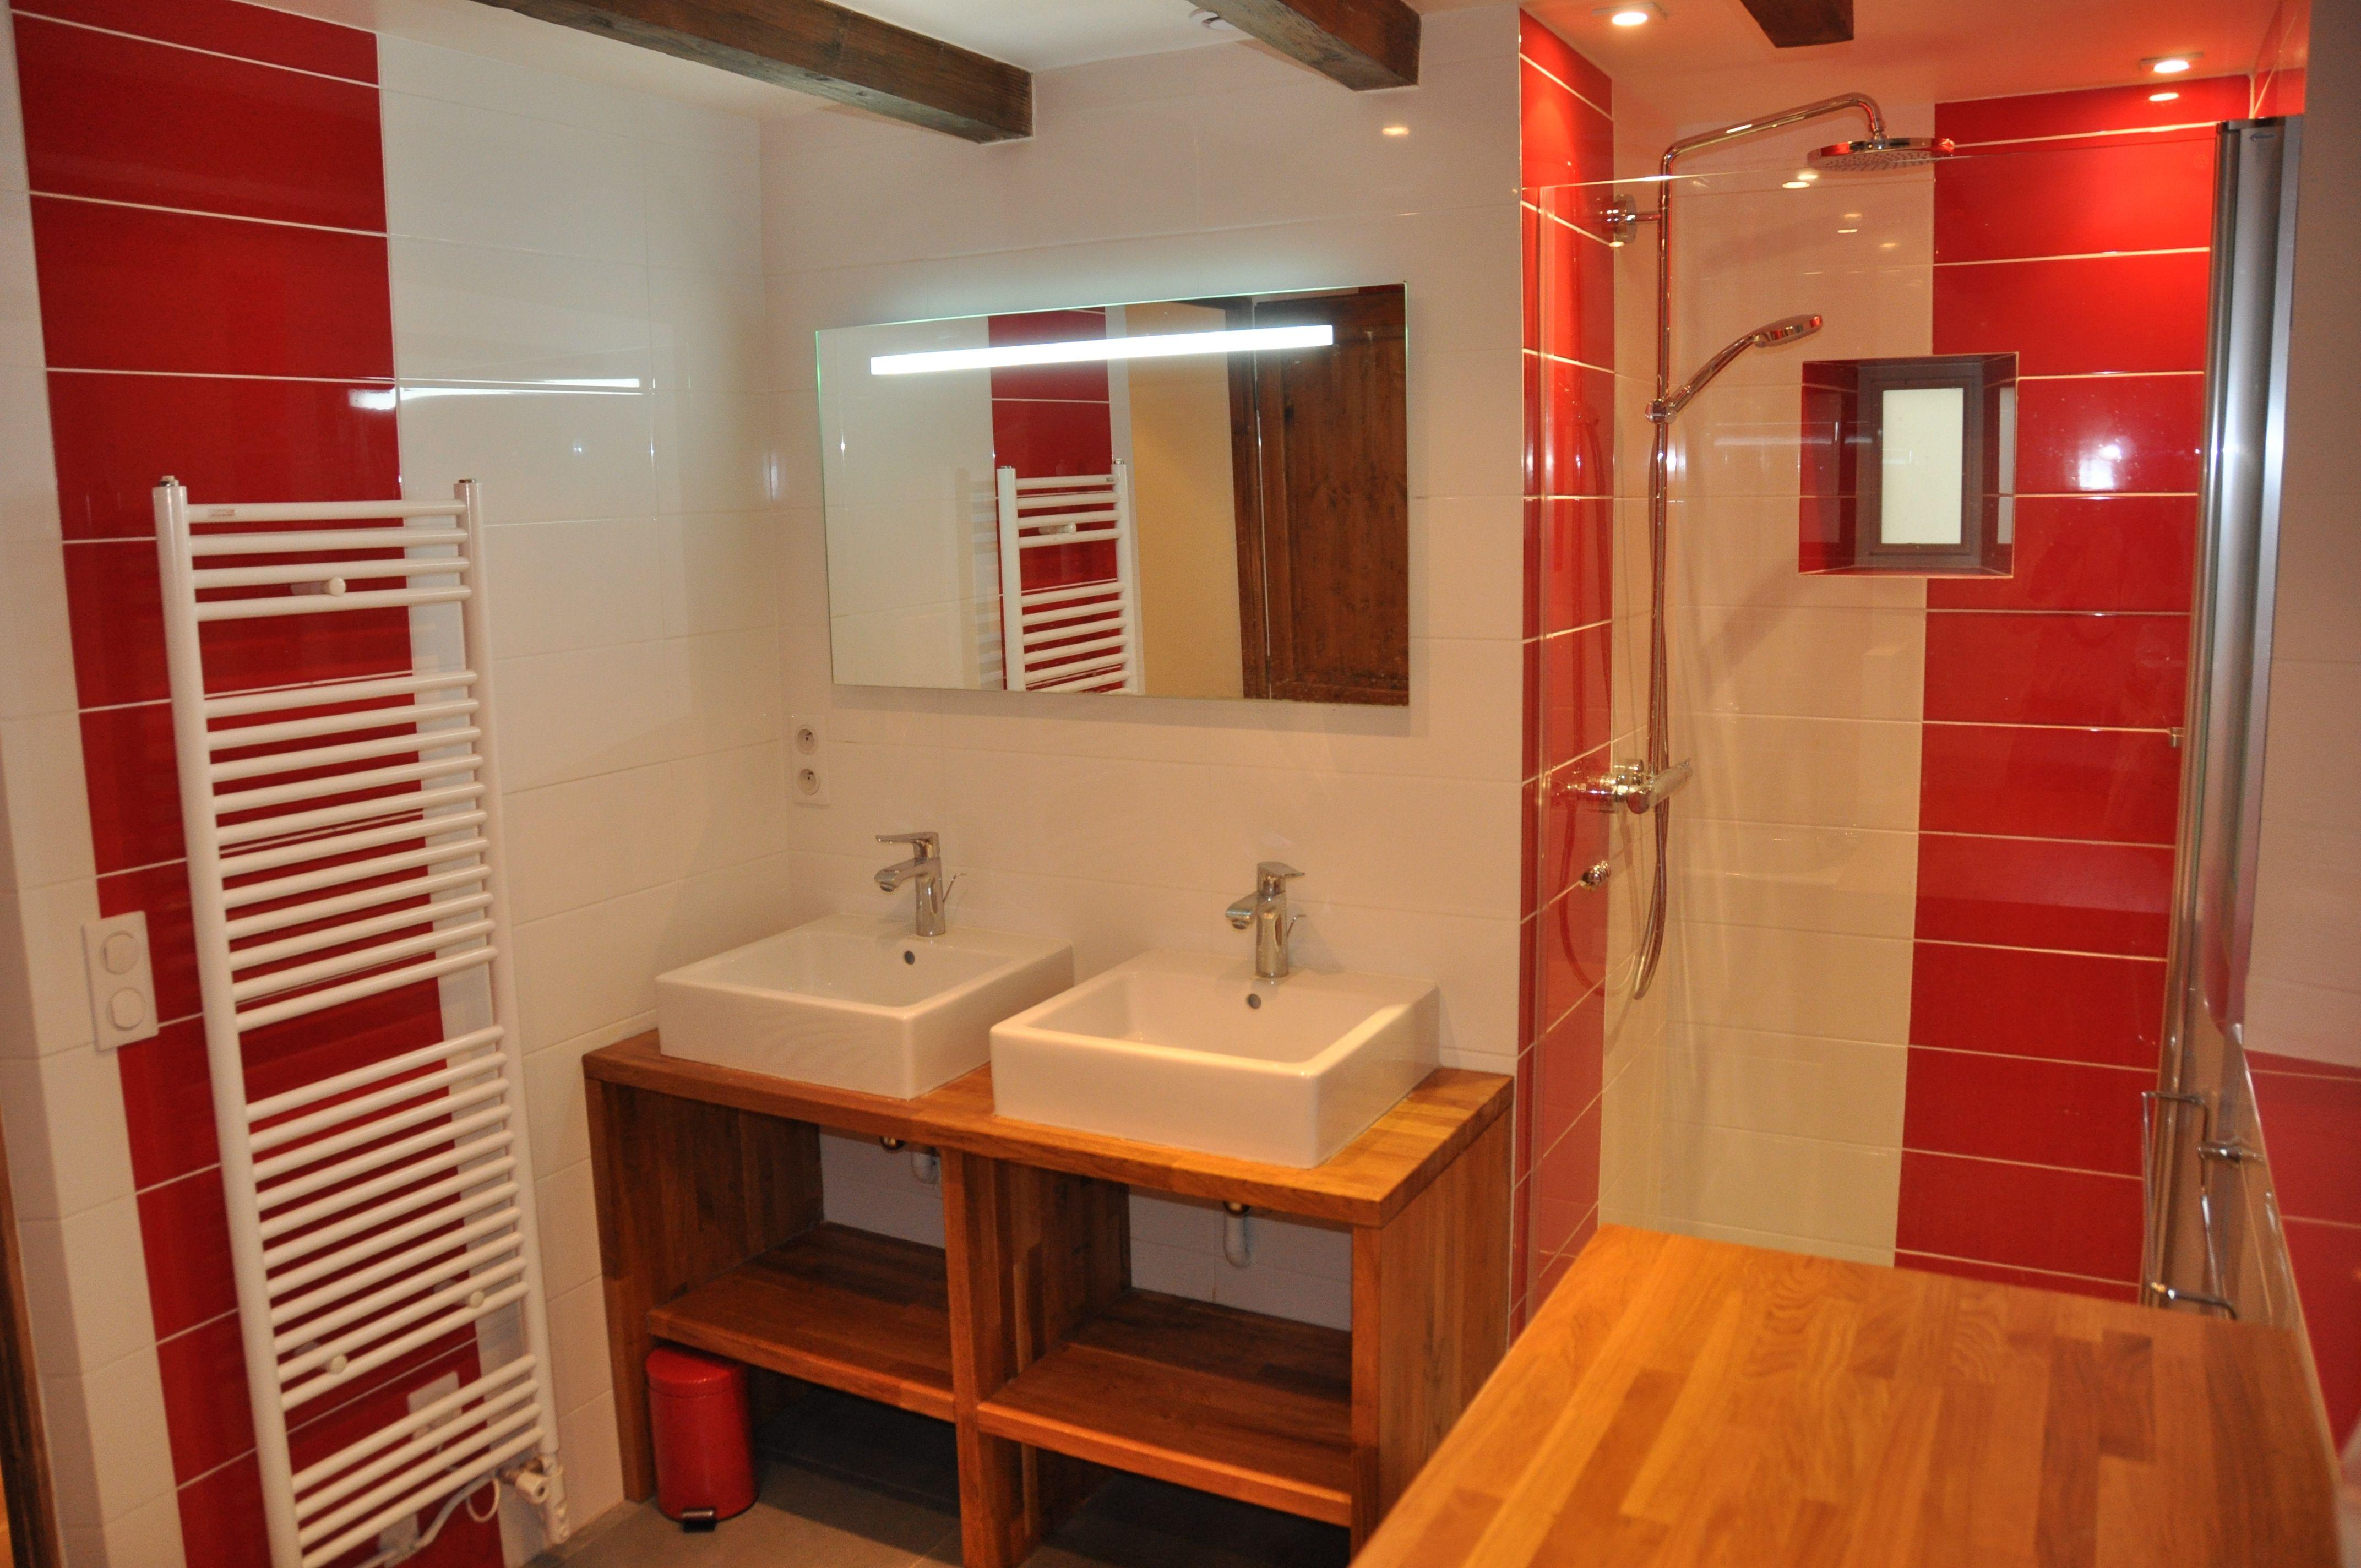 Salle De Bain Rouge Et Blanc réalisation d'une salle de bain rouge et blanche pour une